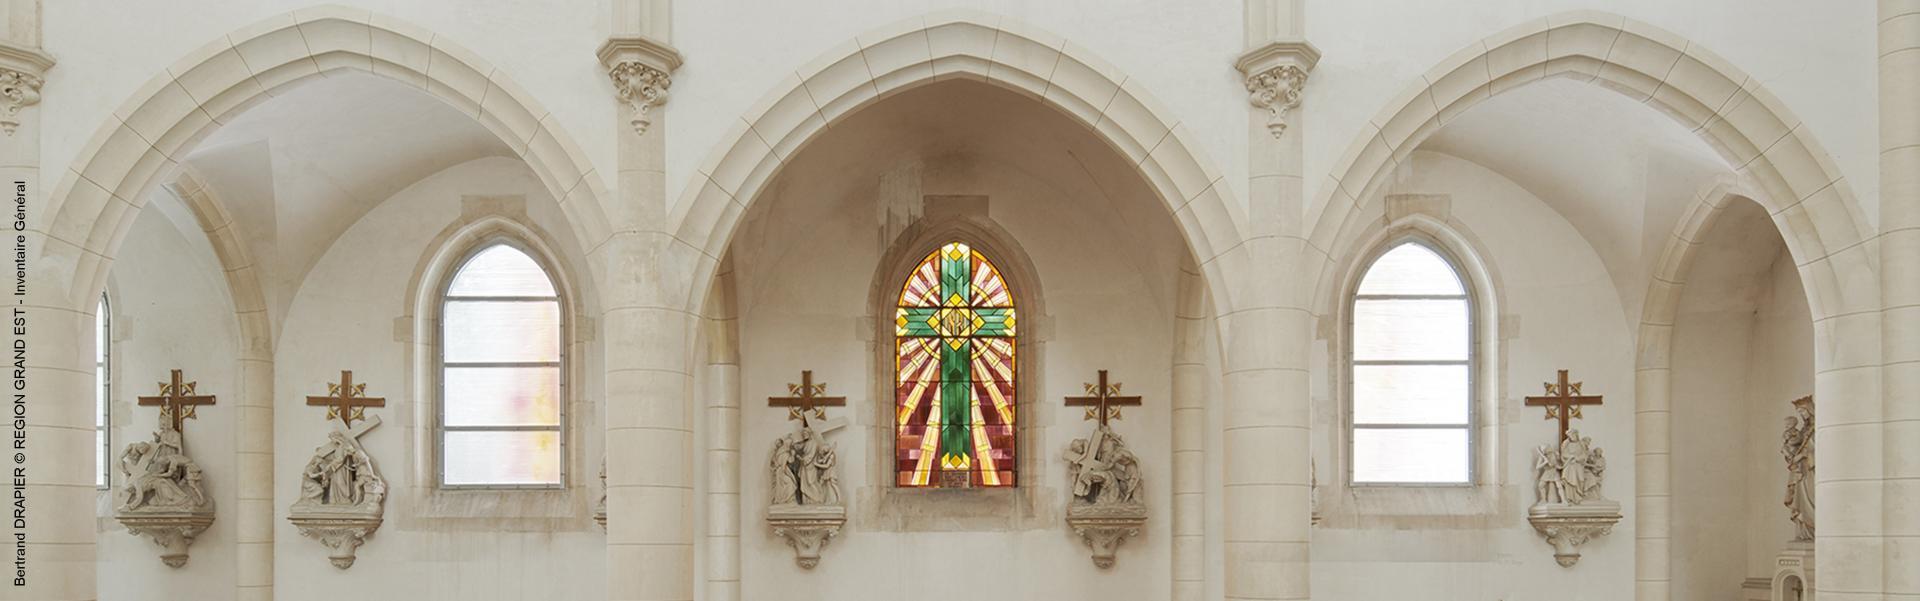 Eglise commémorative de l'Exaltation-de-la-Sainte-Croix de Fey-en-Haye